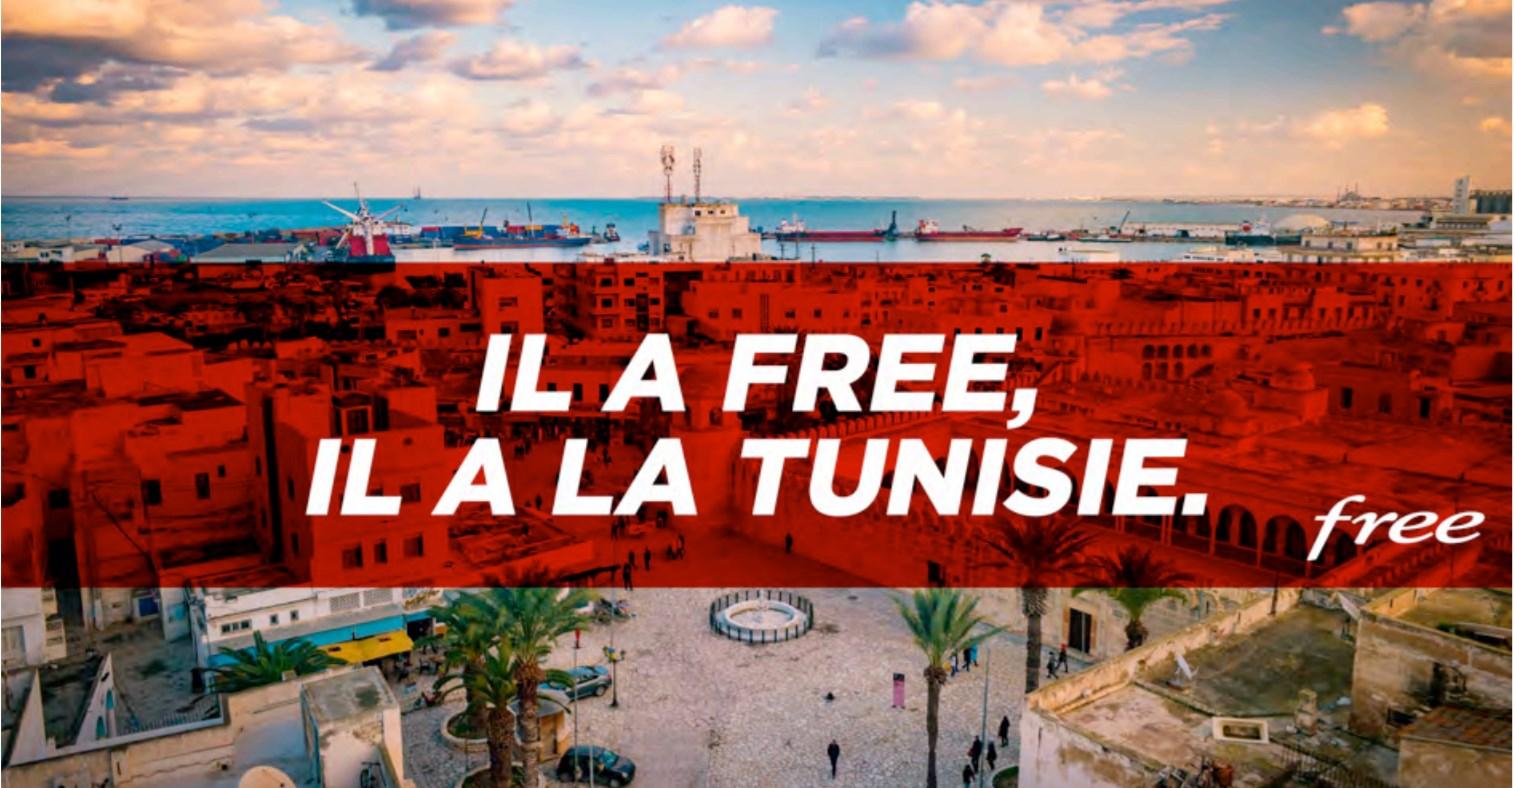 Free rajoute un pays du Maghreb à son itinérance à l'étranger